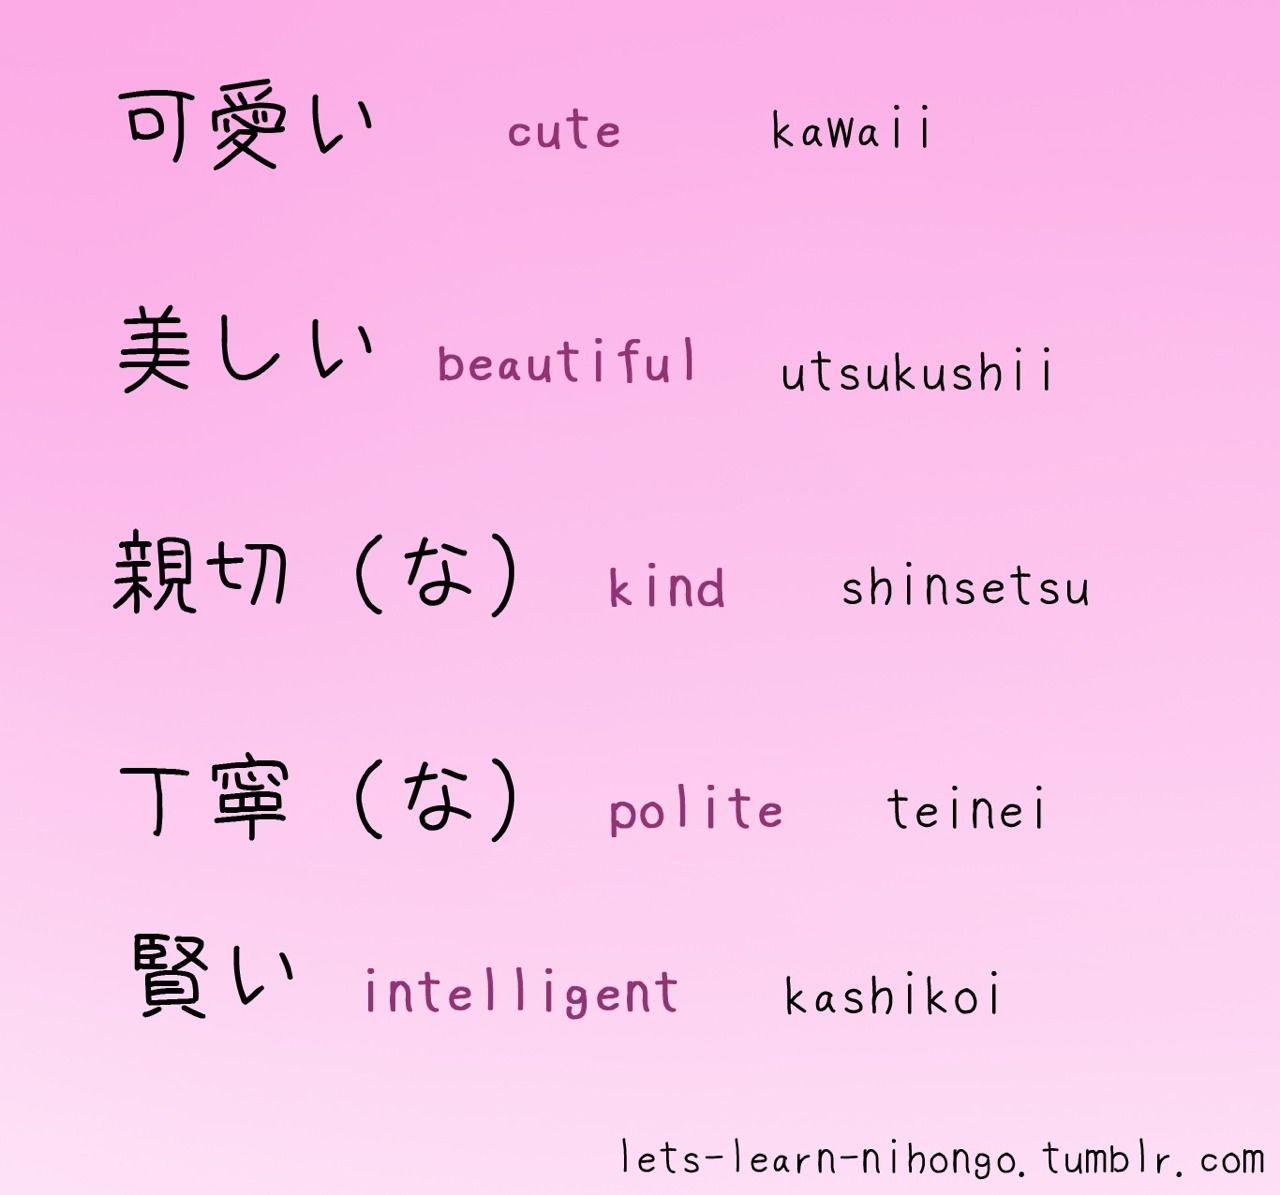 Pin by Kjerstin on Beauty  Japanese phrases, Learn japanese